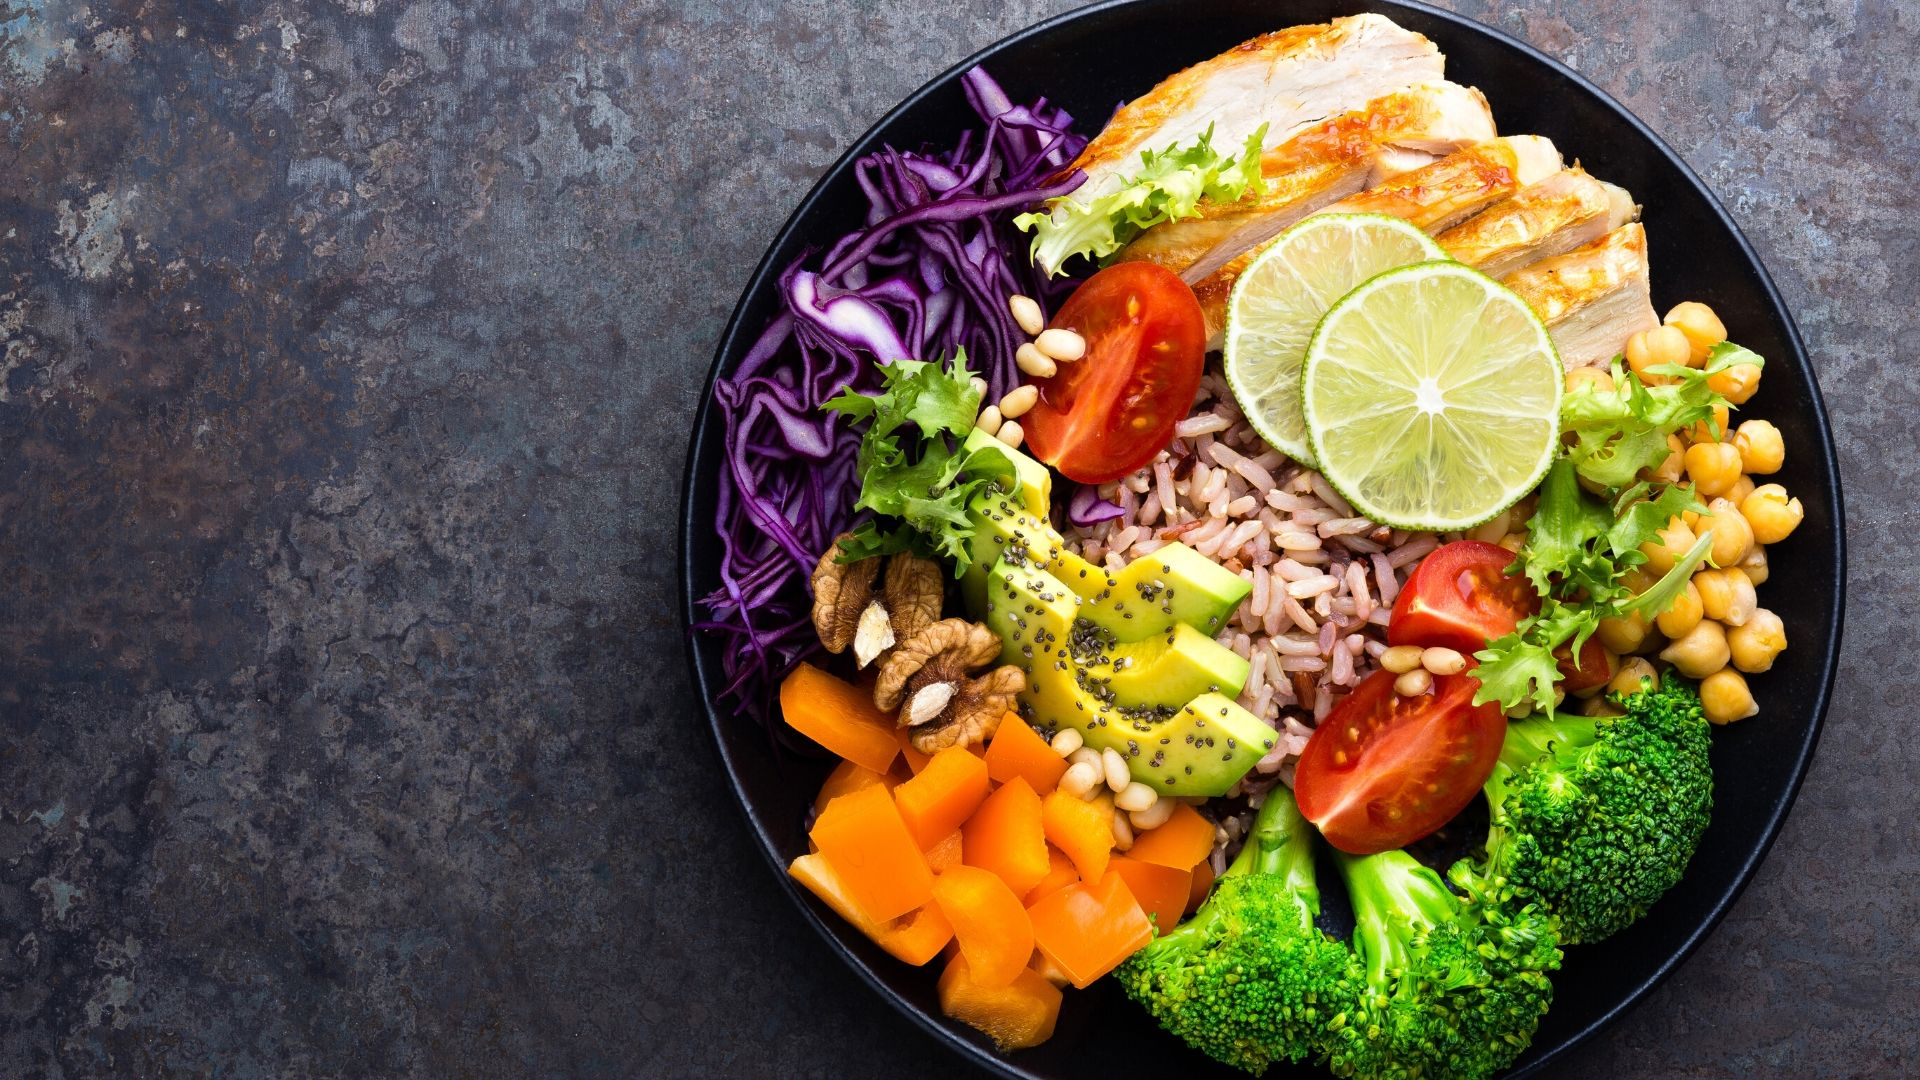 Alimentation saine et équilibrée pour preserver sa santé